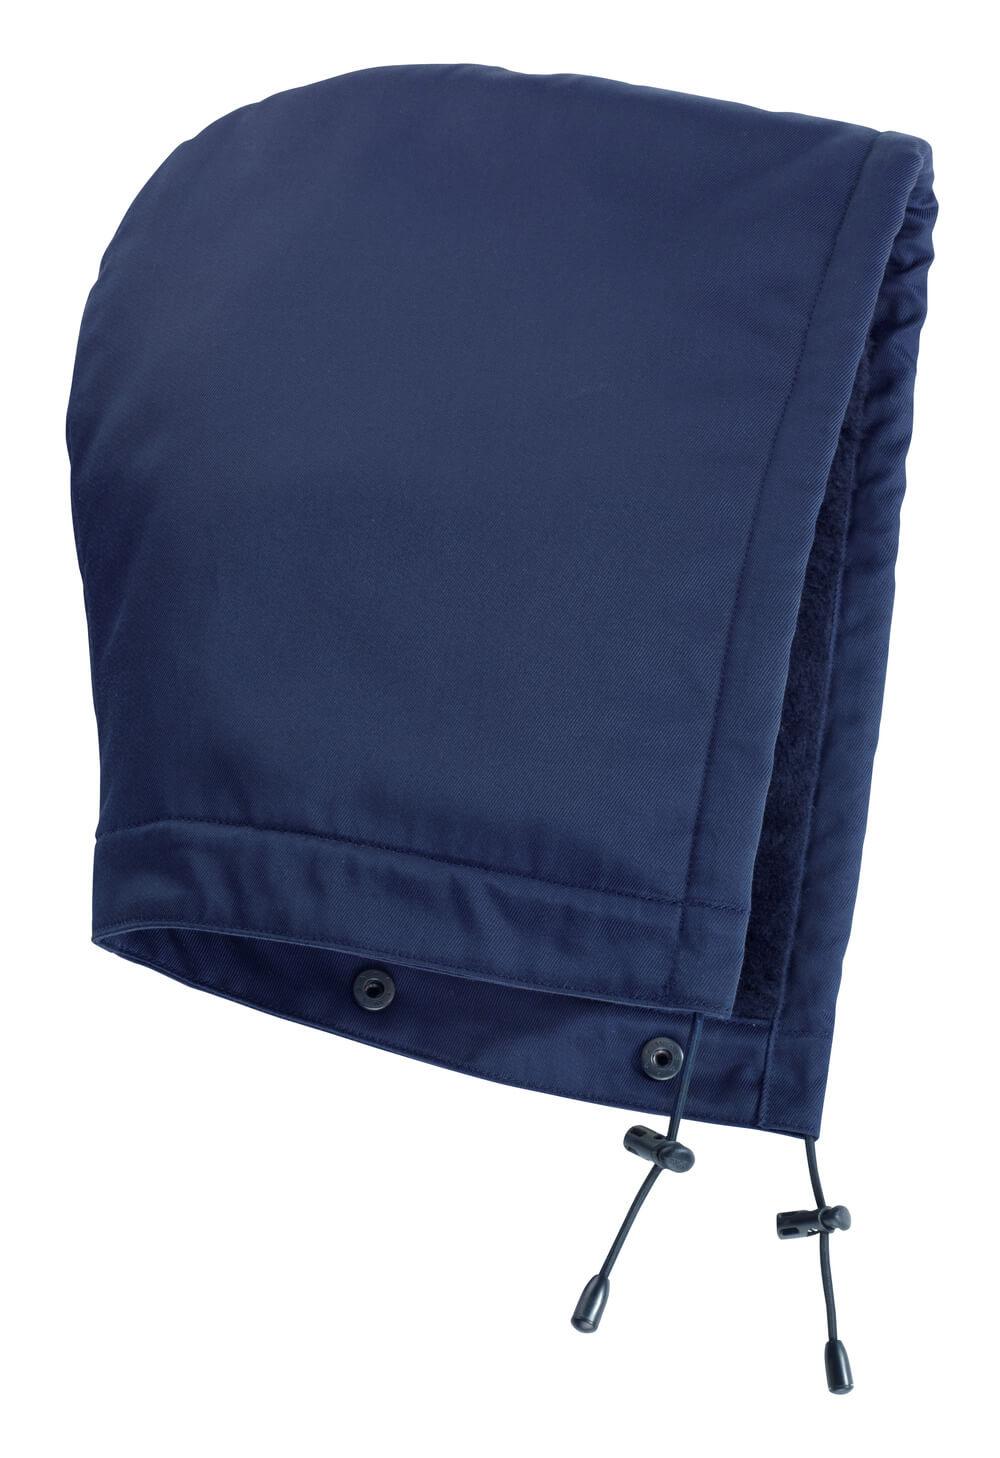 10539-620-01 Cappuccio - blu navy